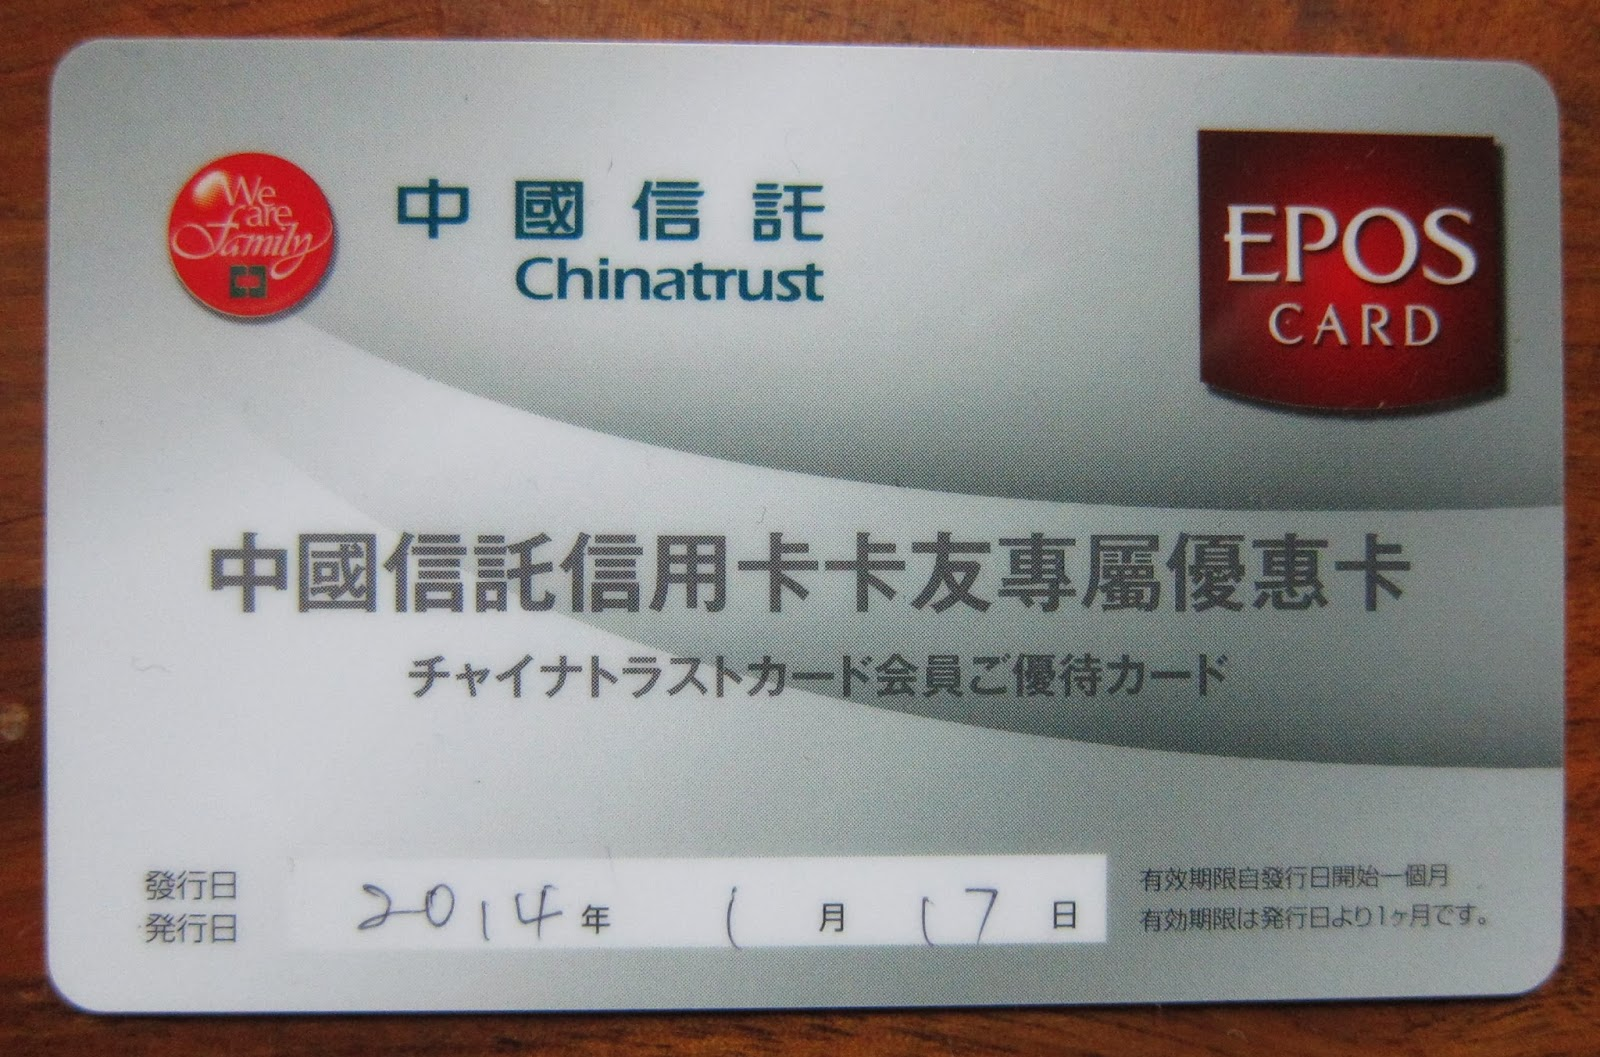 日本與我: 中國信託與丸井0101合作的九折優惠卡